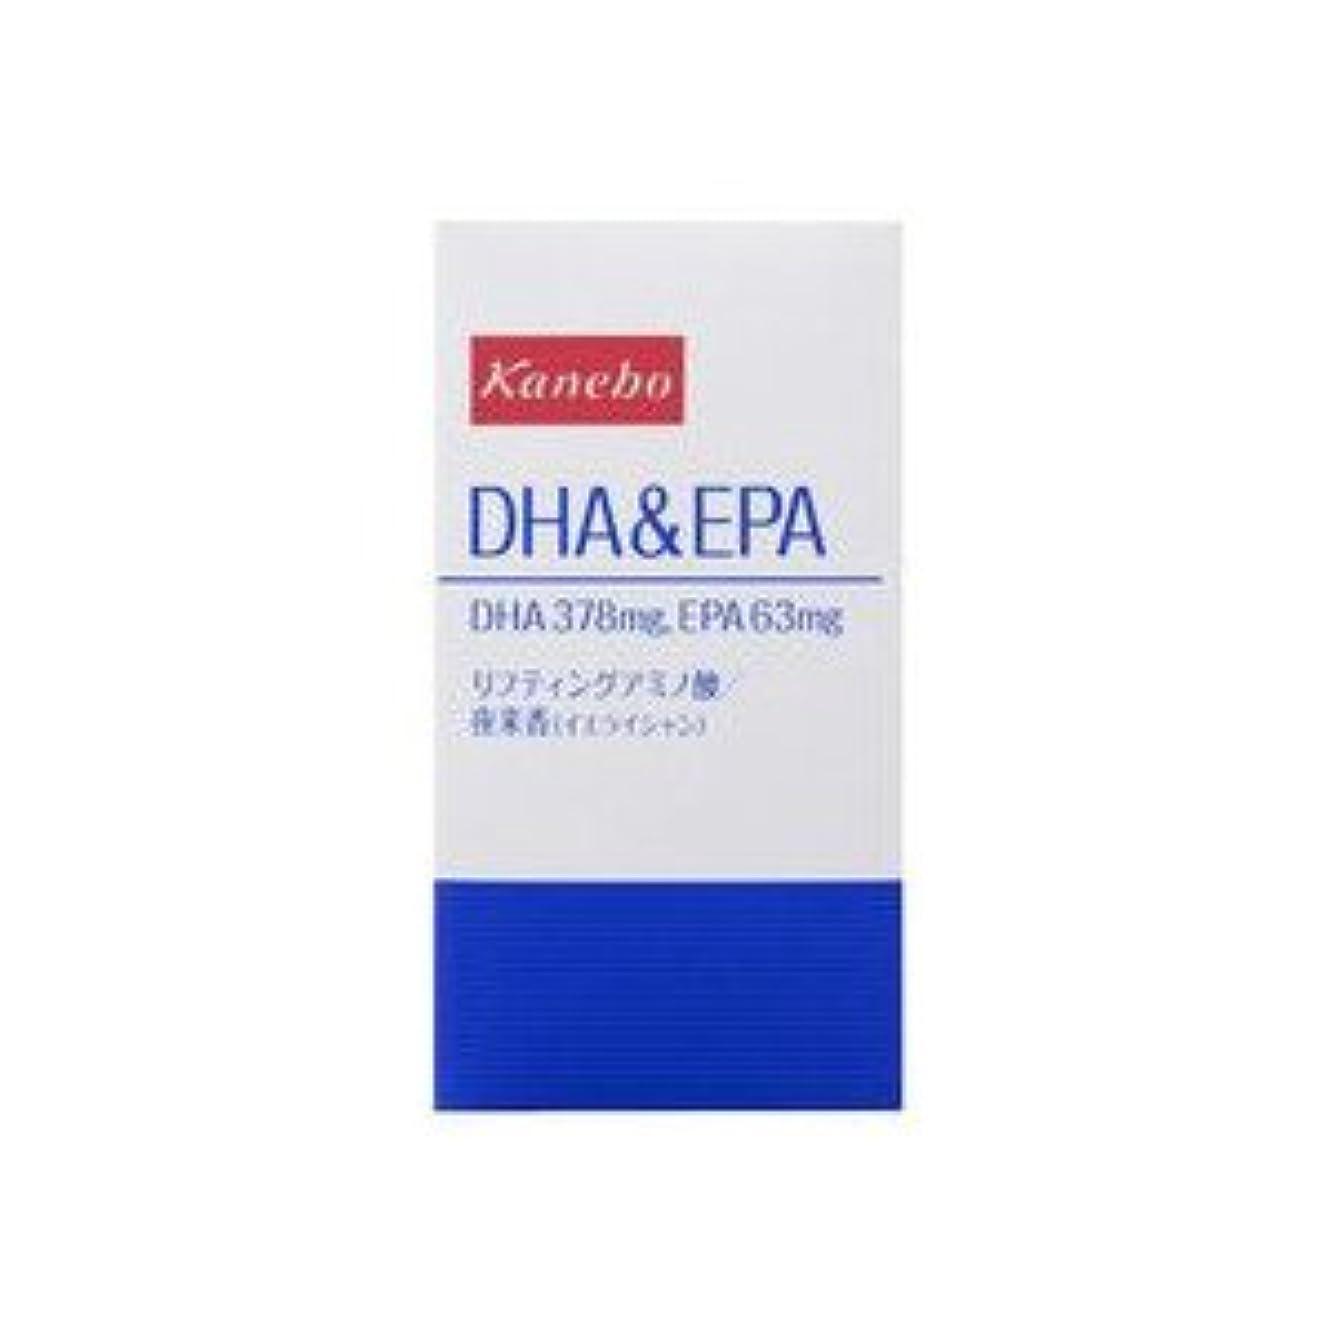 物理とまり木みなすカネボウ DHA&EPA 465mg×120粒